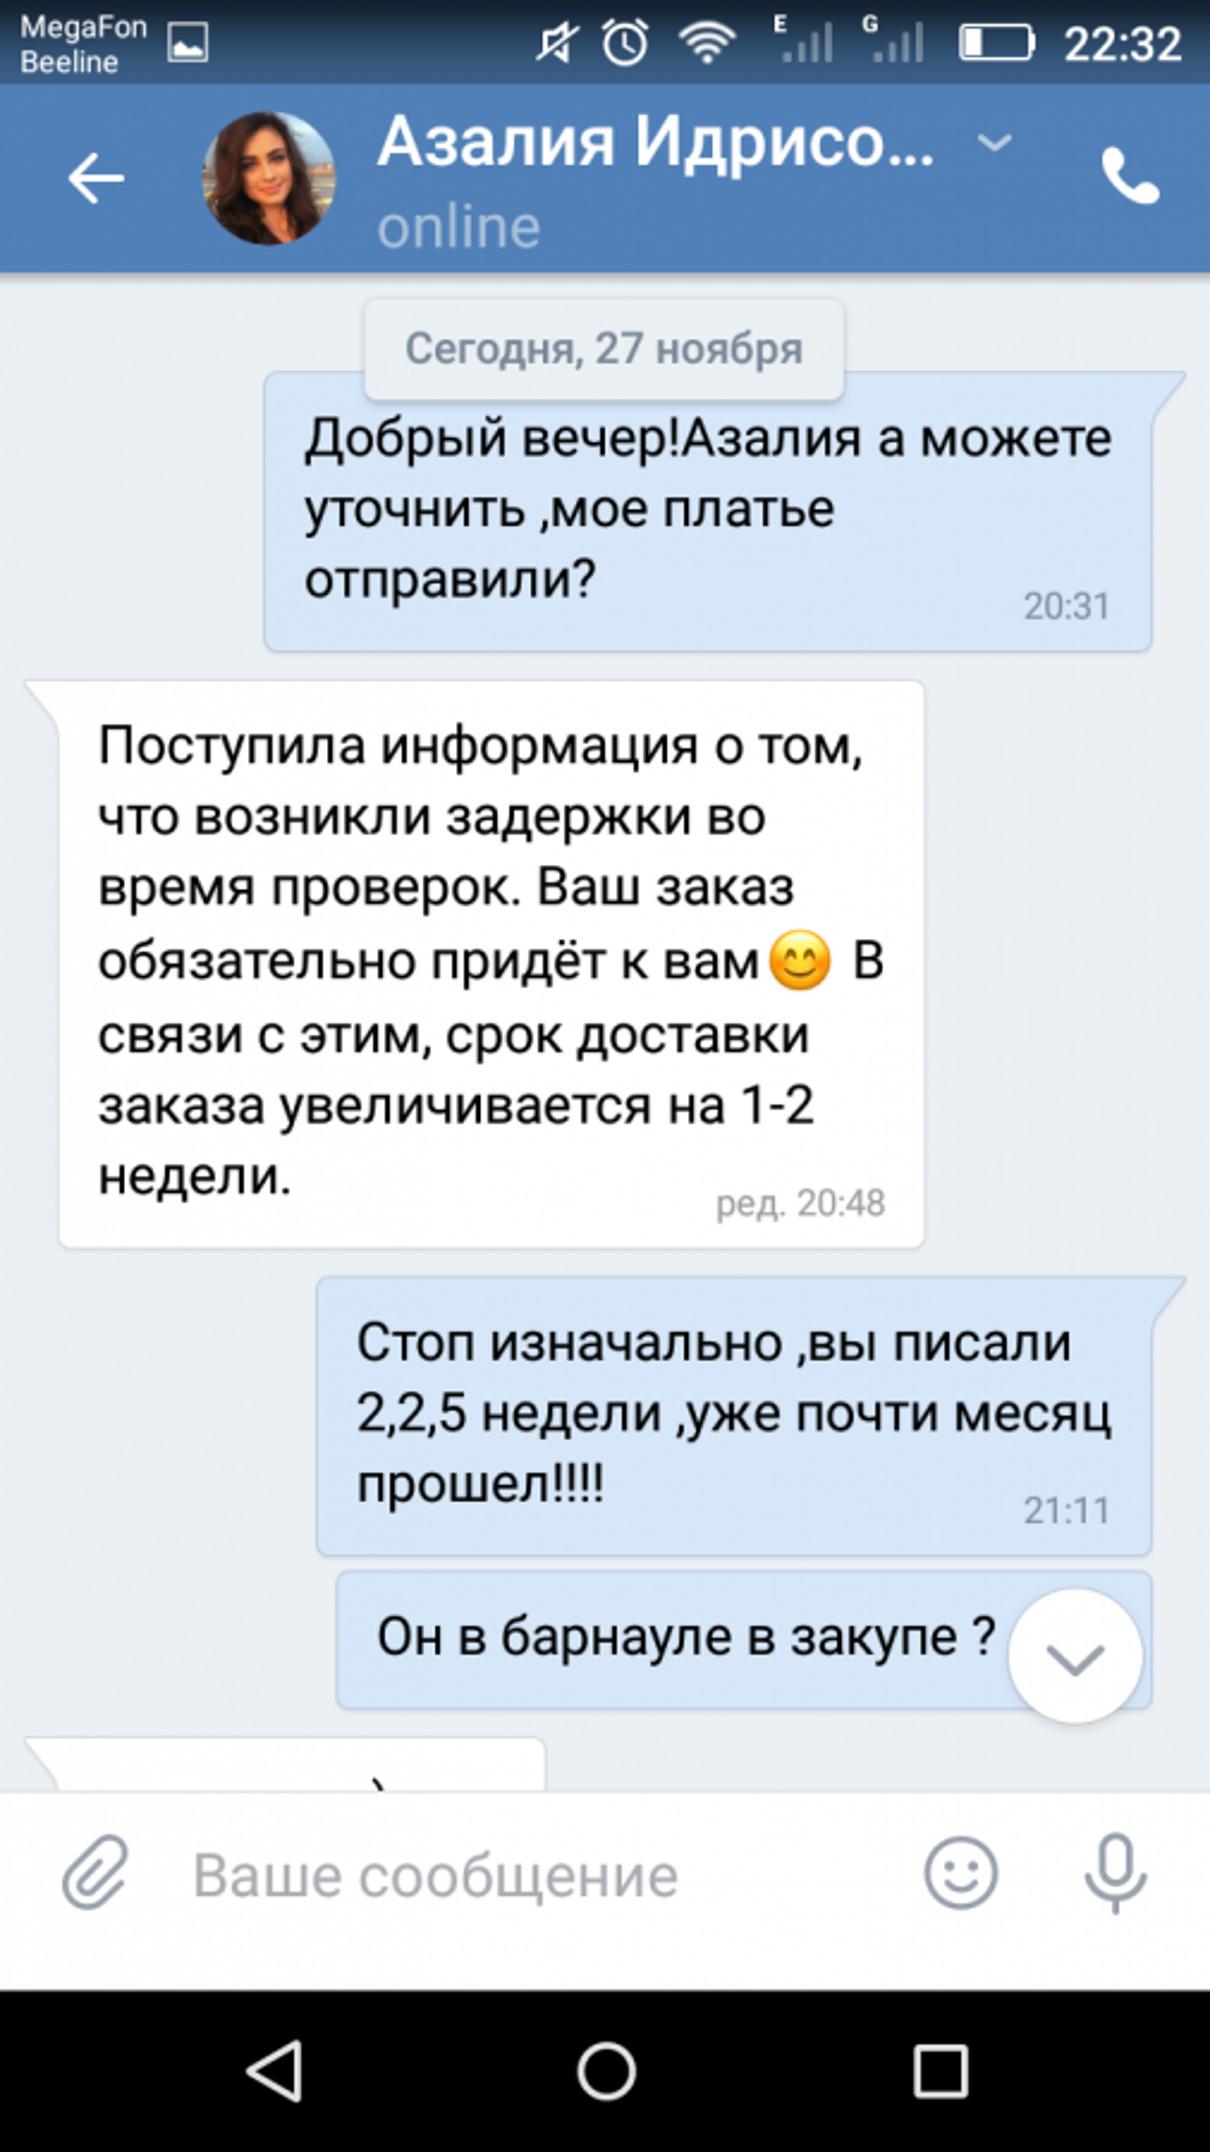 Жалоба-отзыв: Ильдар Идрисов - Интернет магазин мошенник.  Фото №3